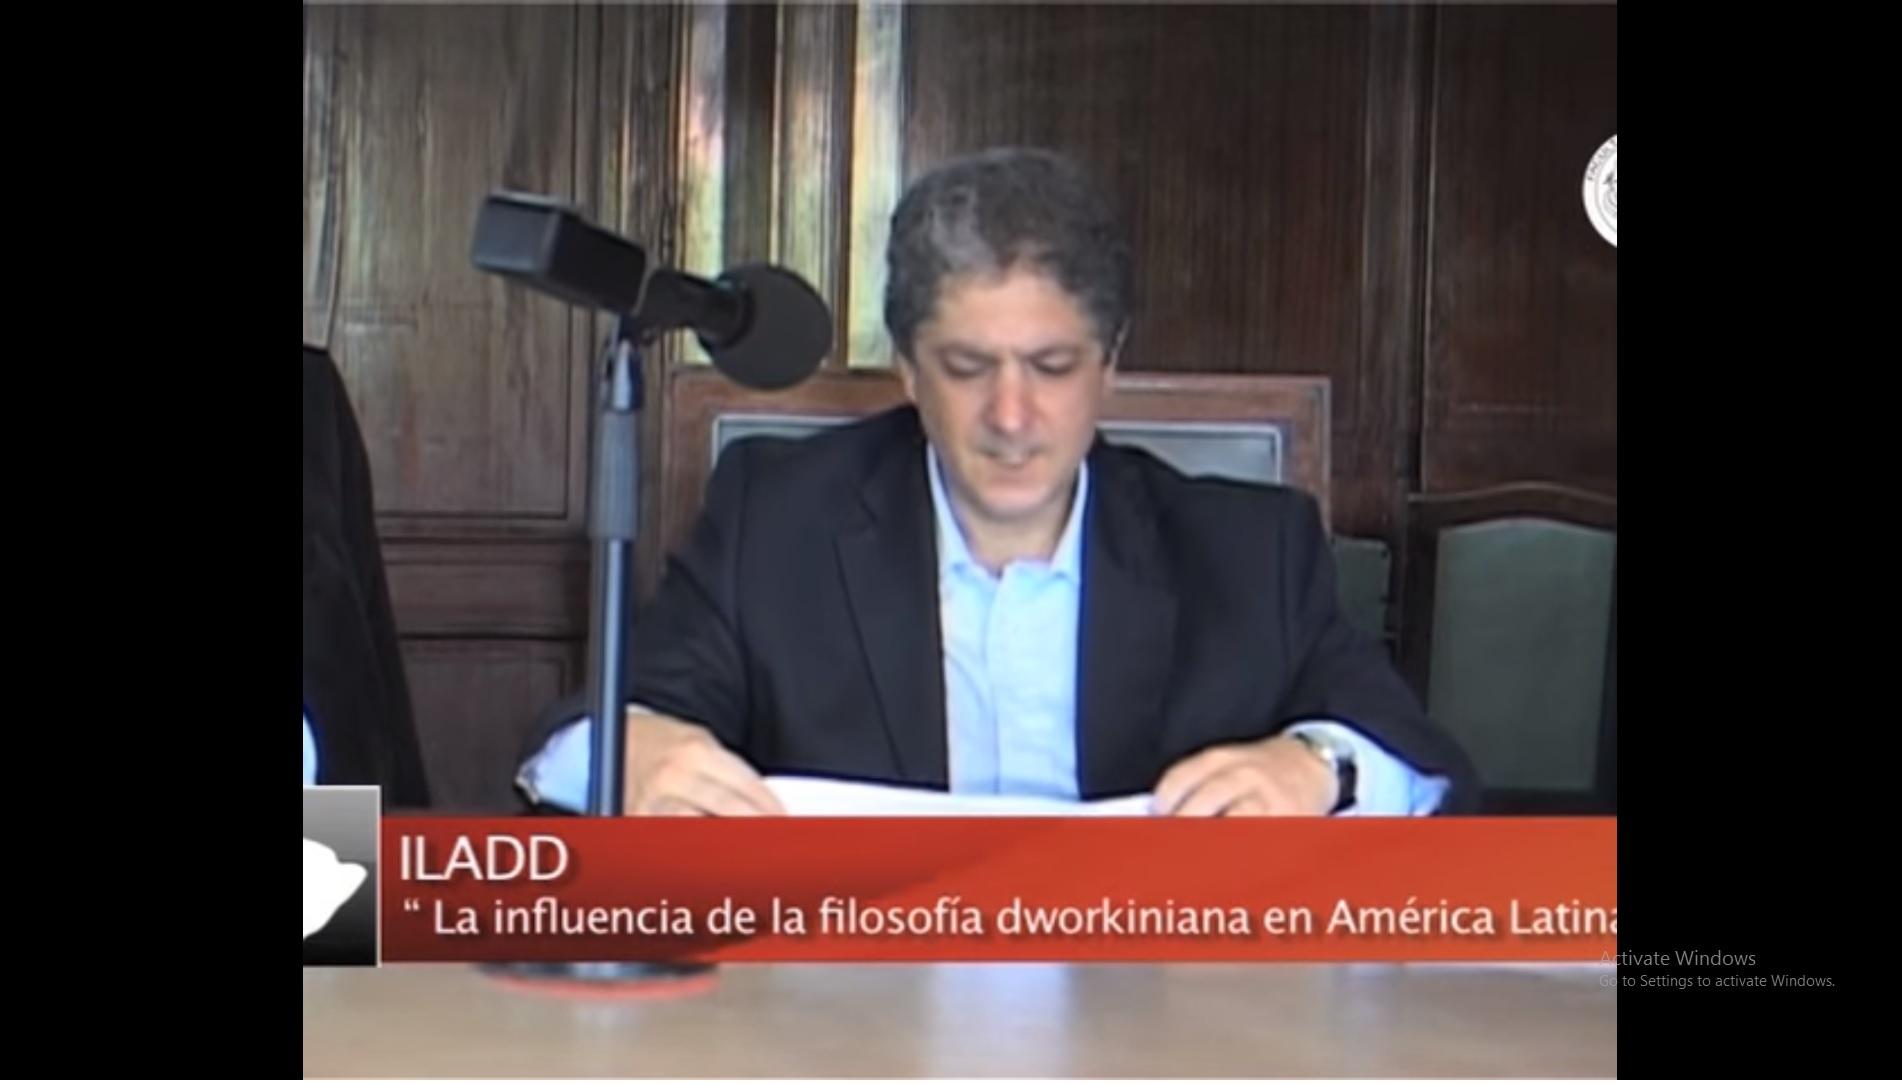 La influencia de la filosofía dworkiniana en América Latina